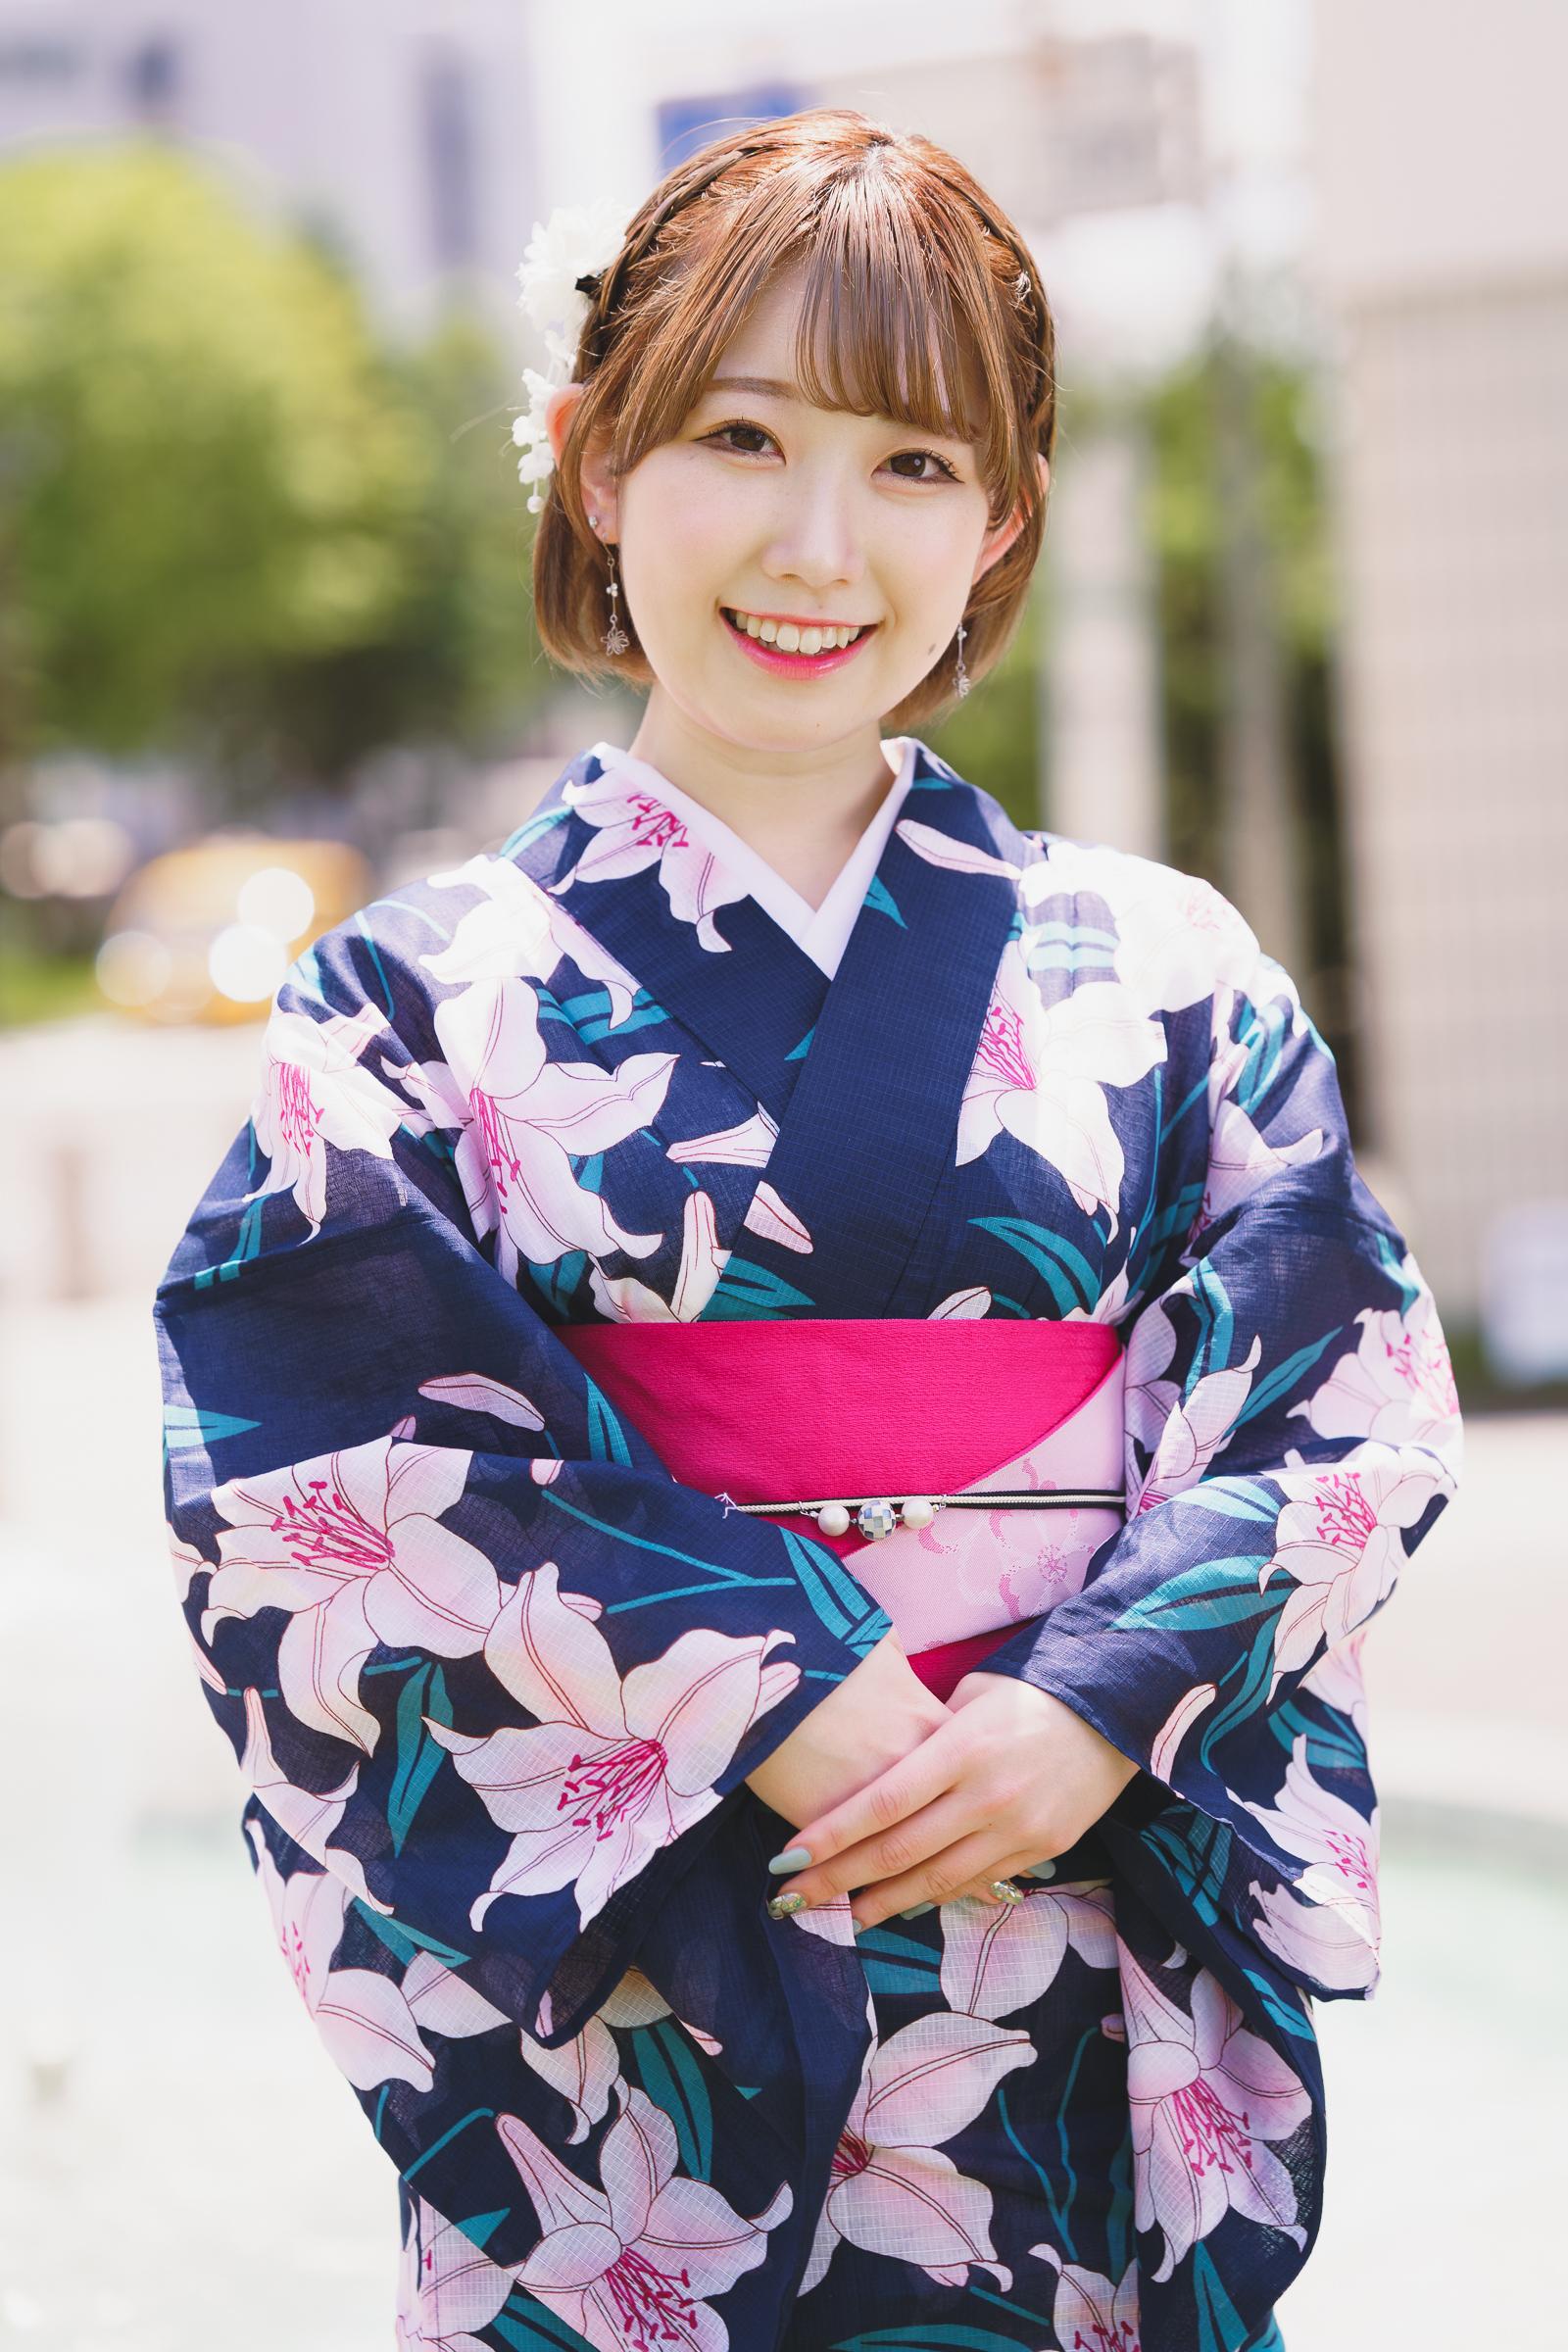 フルーティー♡ えま ( 矢上愛麻 )   SMP 札幌モデルプロ 浴衣撮影会